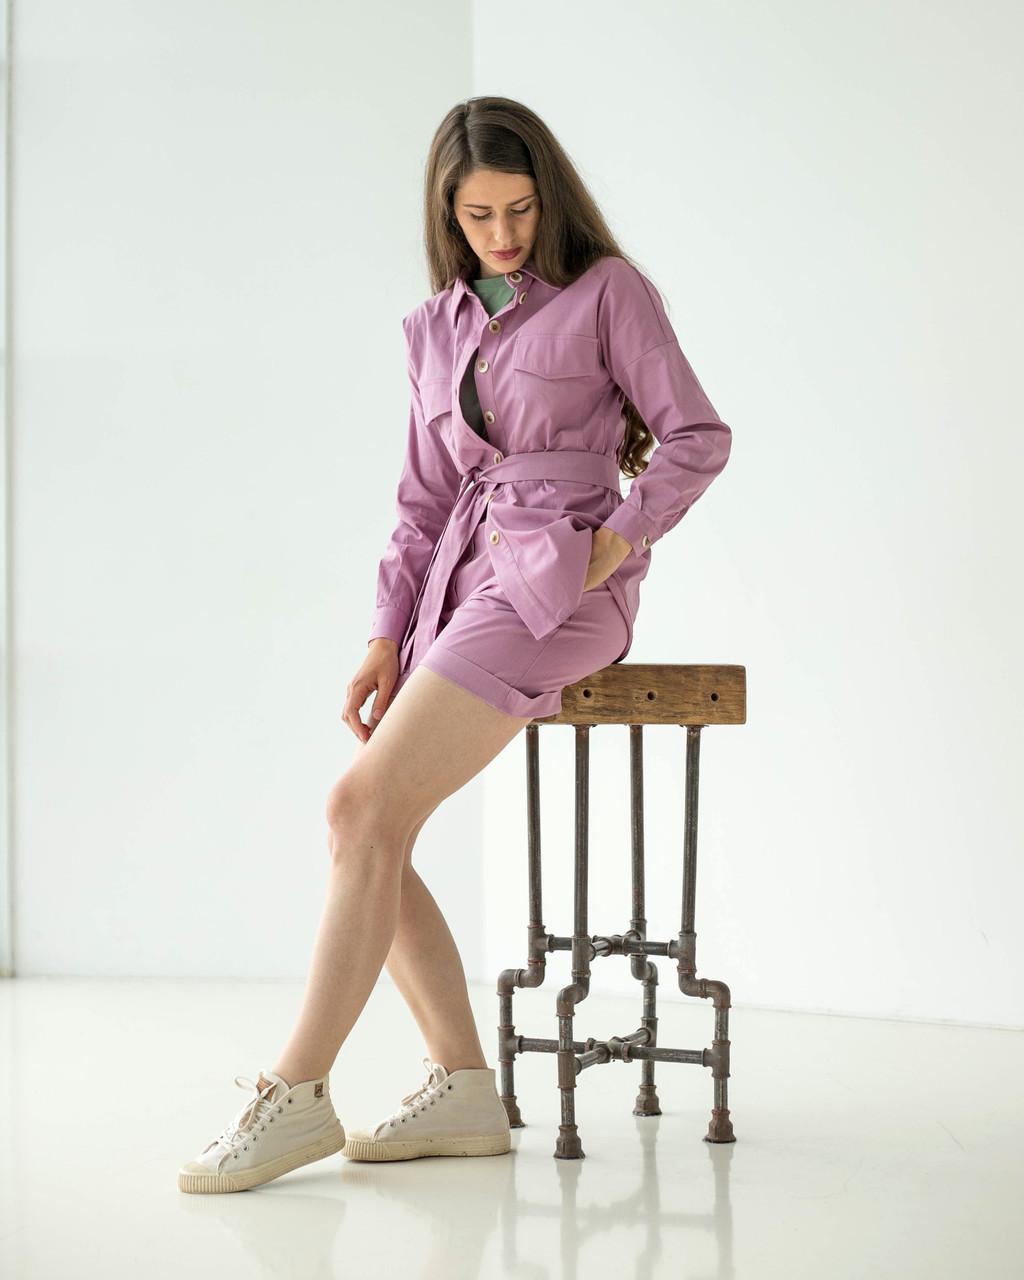 Рожевий жіночий костюм з сорочкою і шортами, натуральний льон